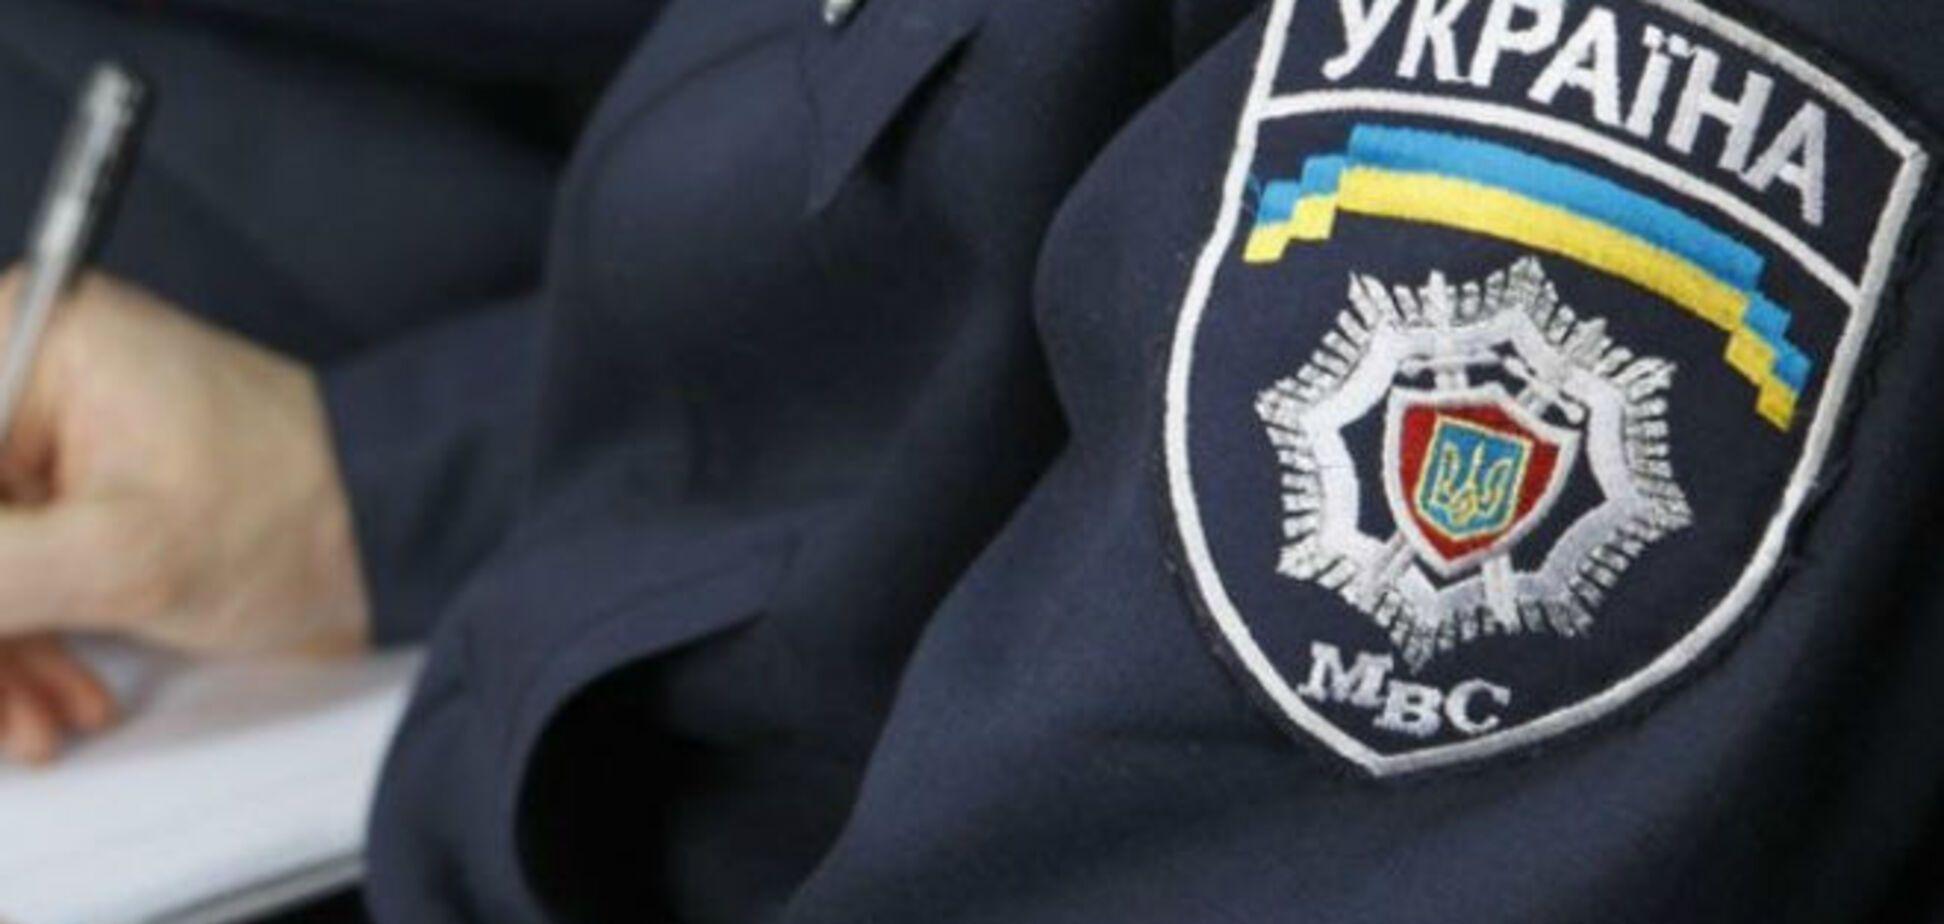 Источник в милиции рассказал подробности убийства Калашникова